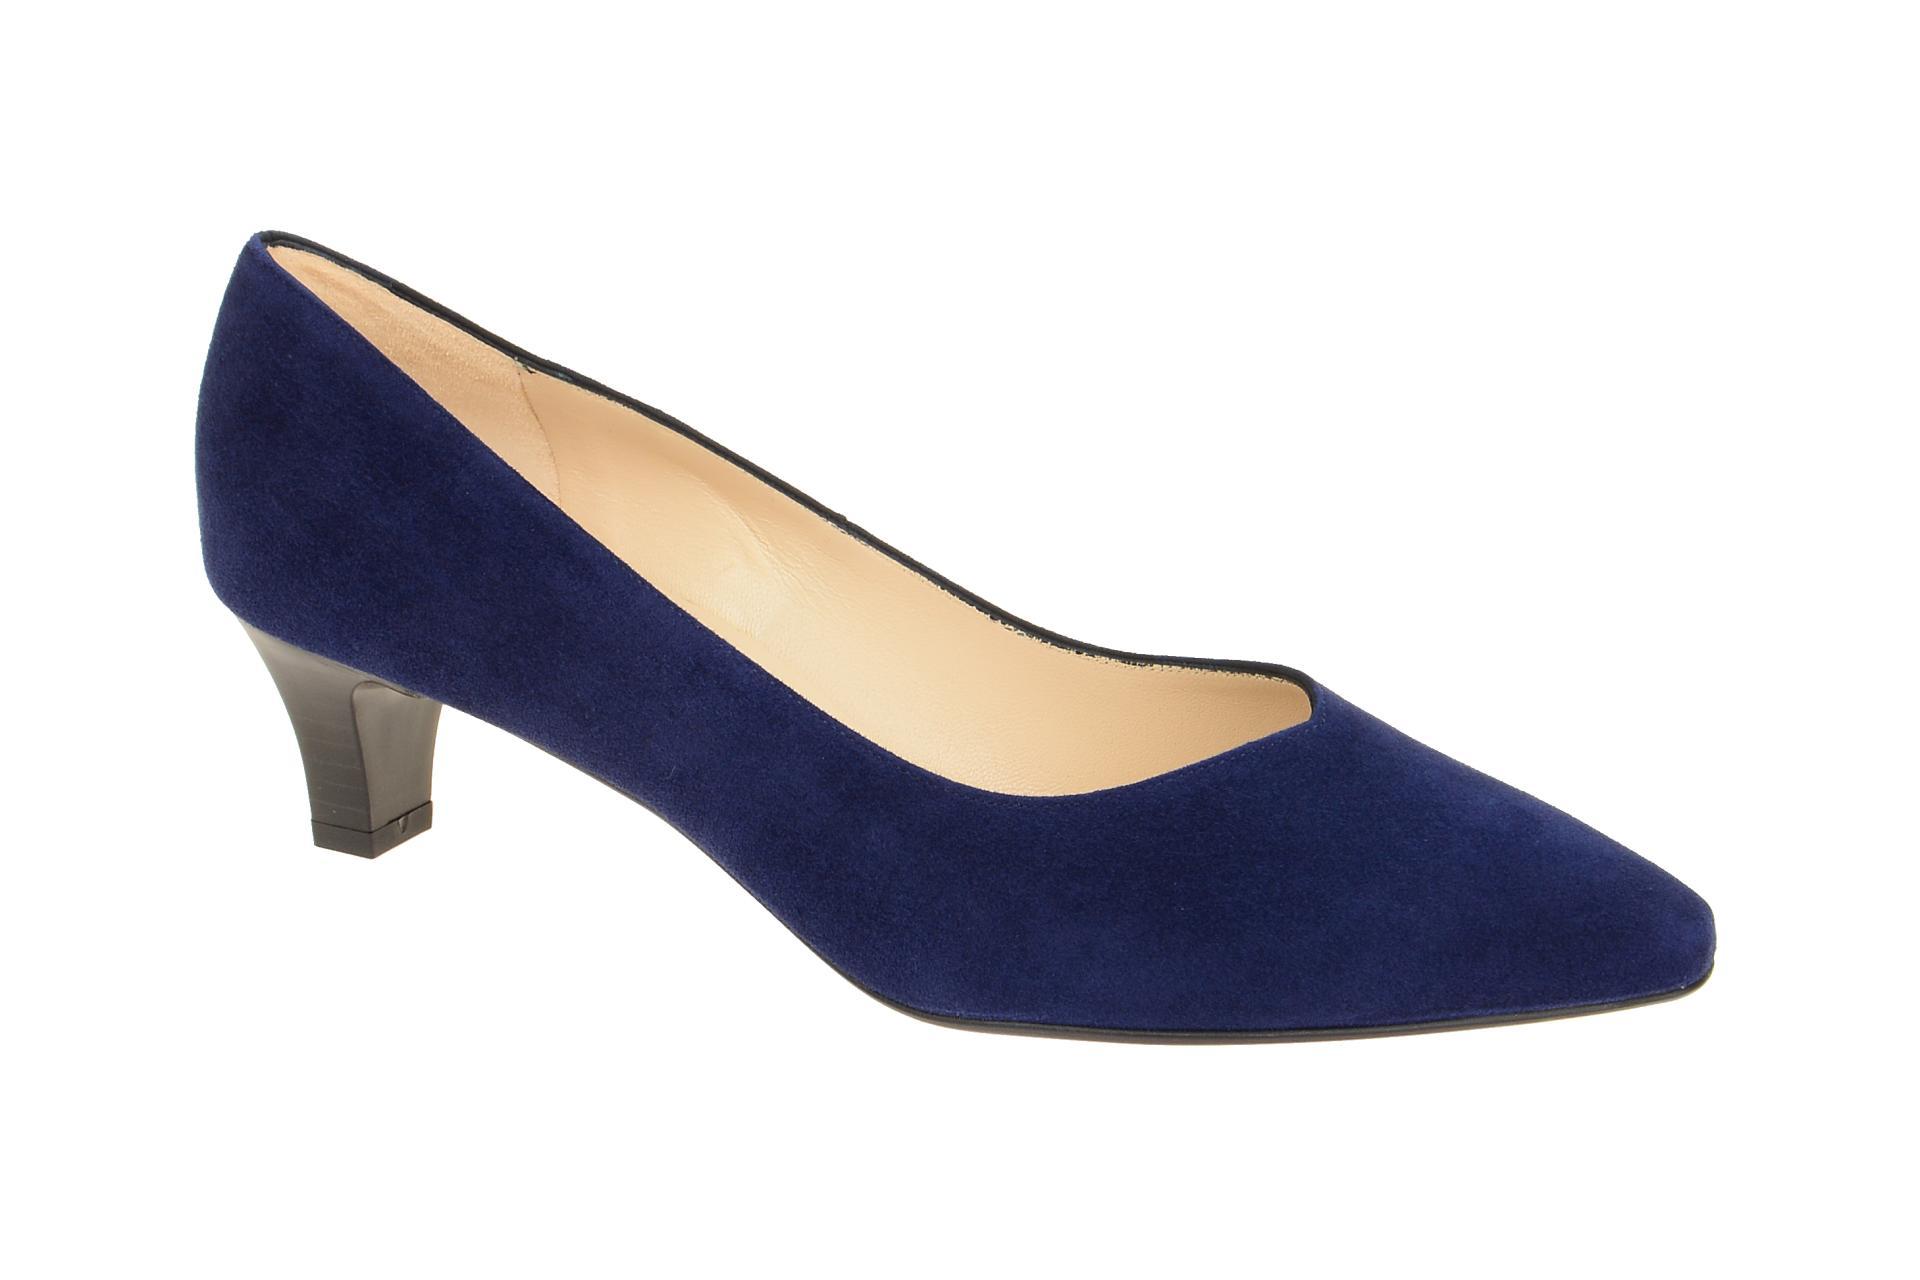 Details zu Peter Kaiser Schuhe EIKA 45 blau Damenschuhe Pumps 47921025 NEU